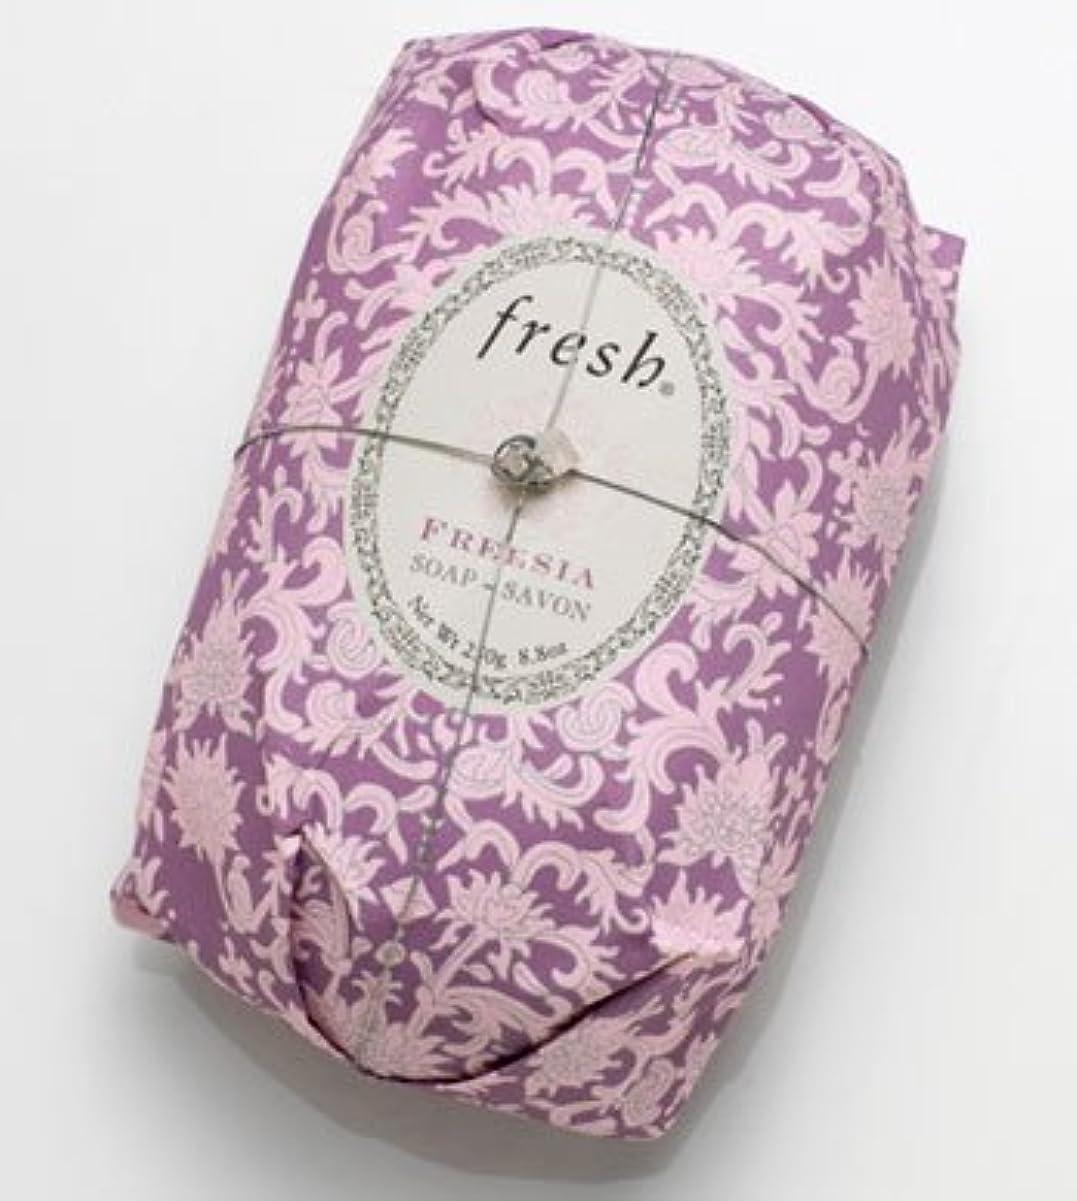 抽出ネコ等Fresh FREESIA  SOAP (フレッシュ フリージア ソープ) 8.8 oz (250g) Soap (石鹸) by Fresh